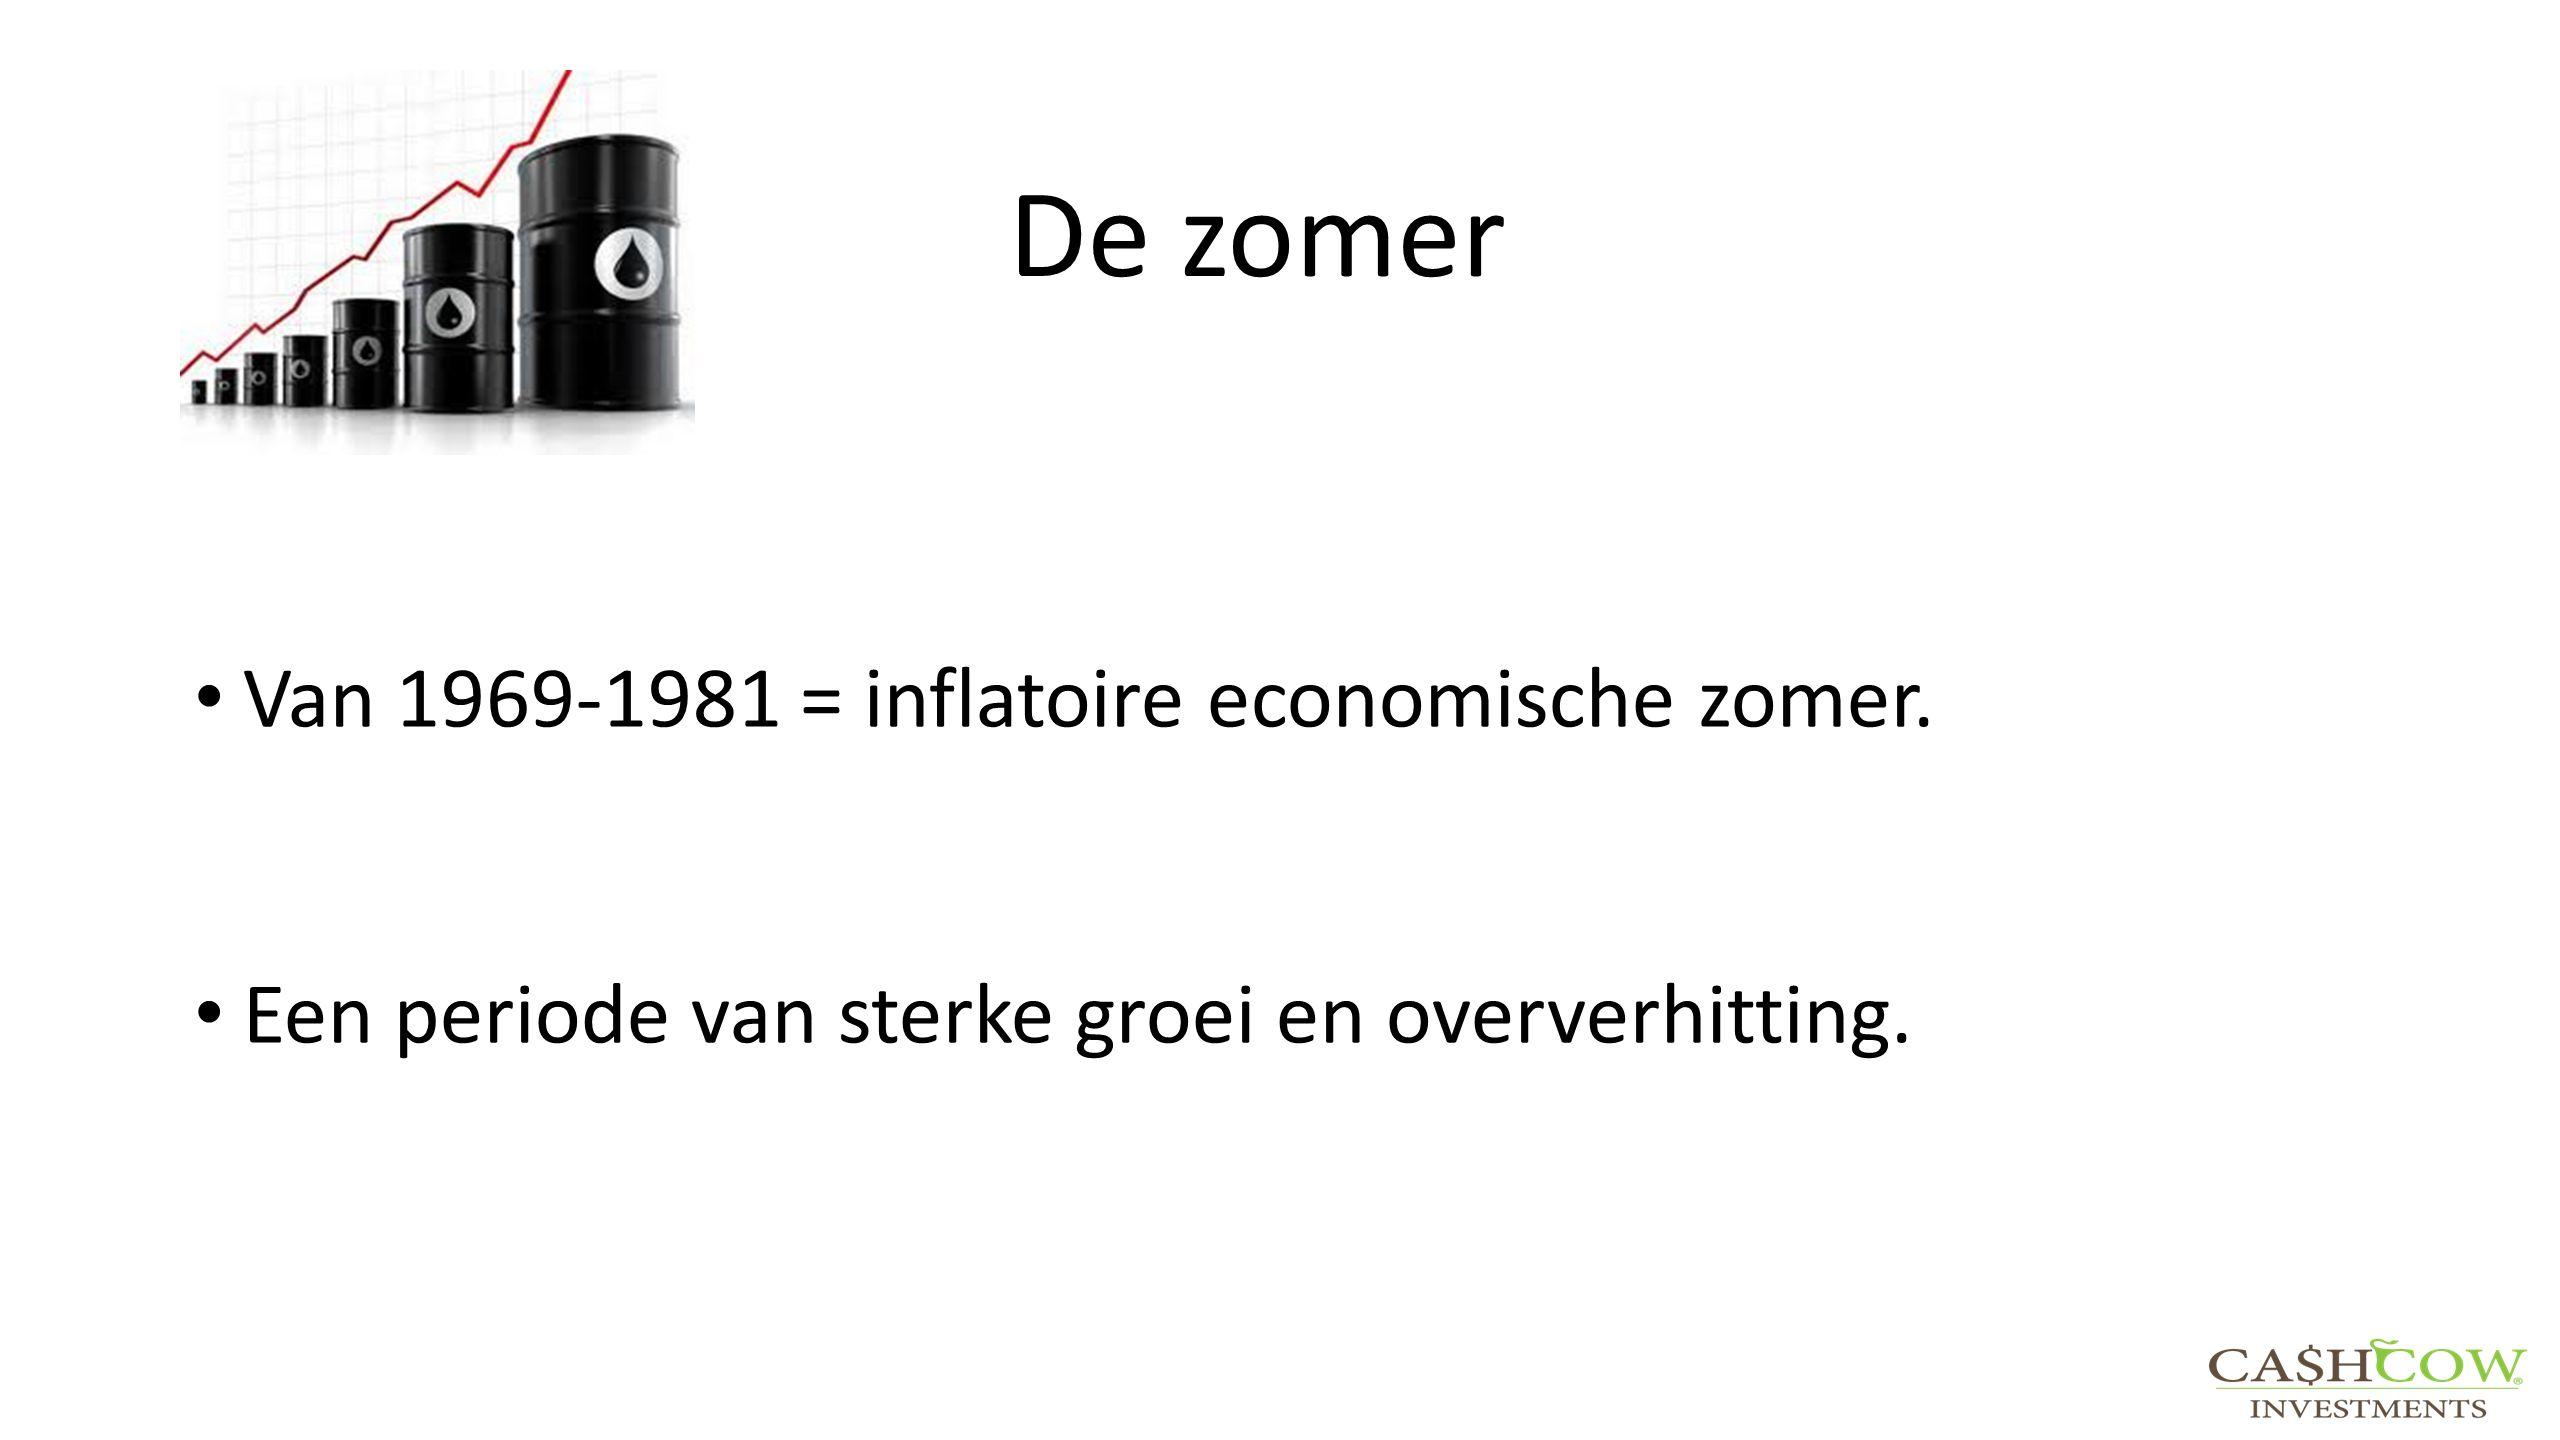 De herfst Van 1982 tot 2000 = economische herfst.